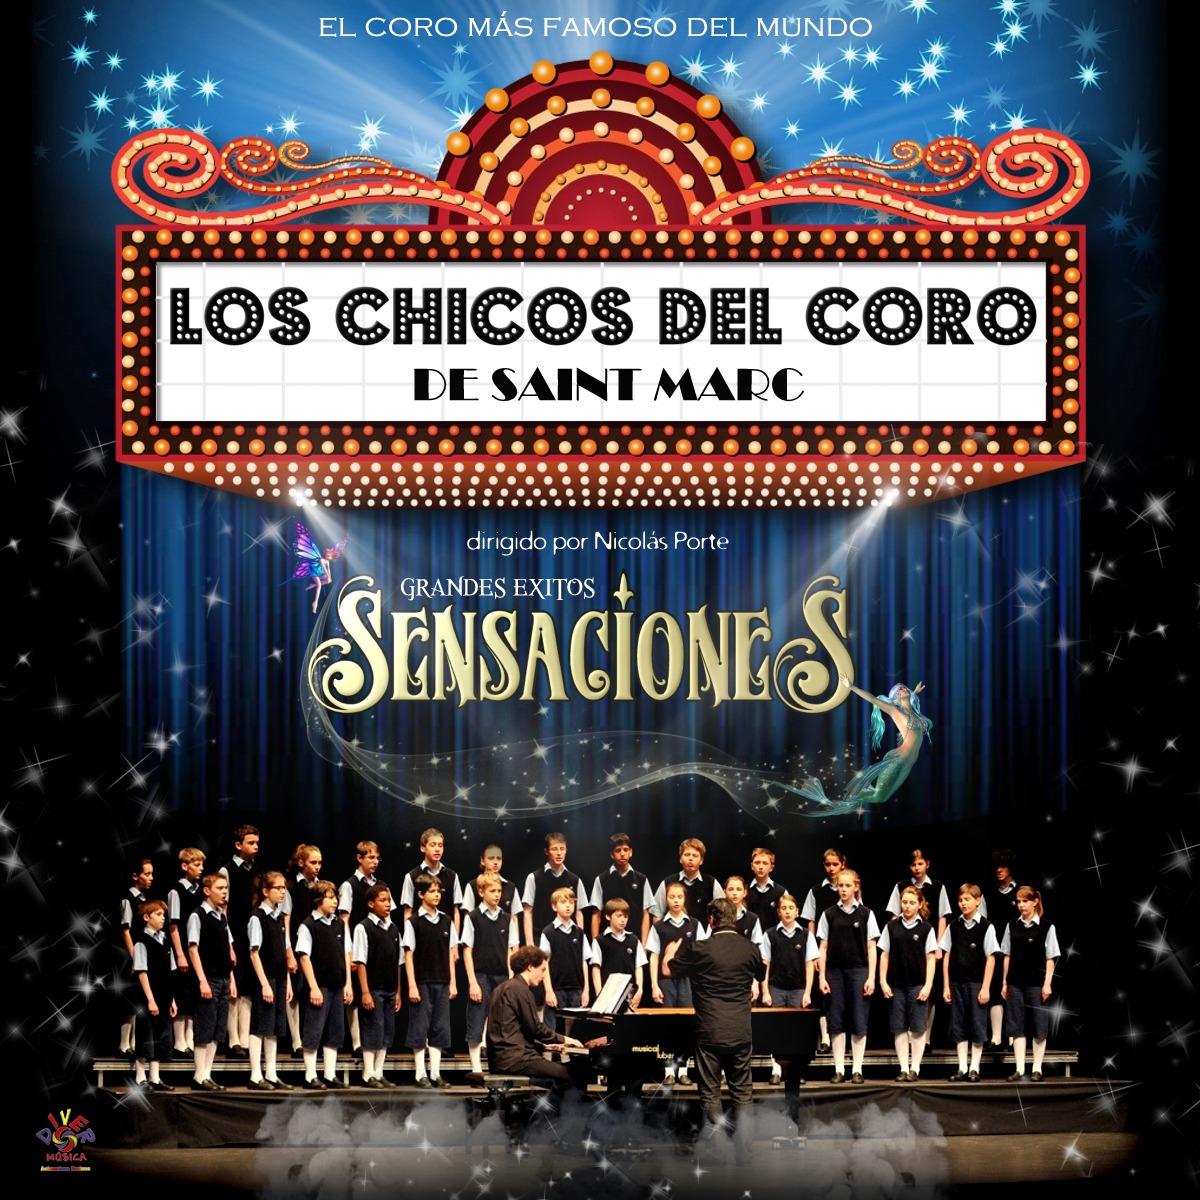 Pandora Producciones - Los Chicos del Coro - Gira Sensaciones 2019 - Valladolid - Diciembre - 2019